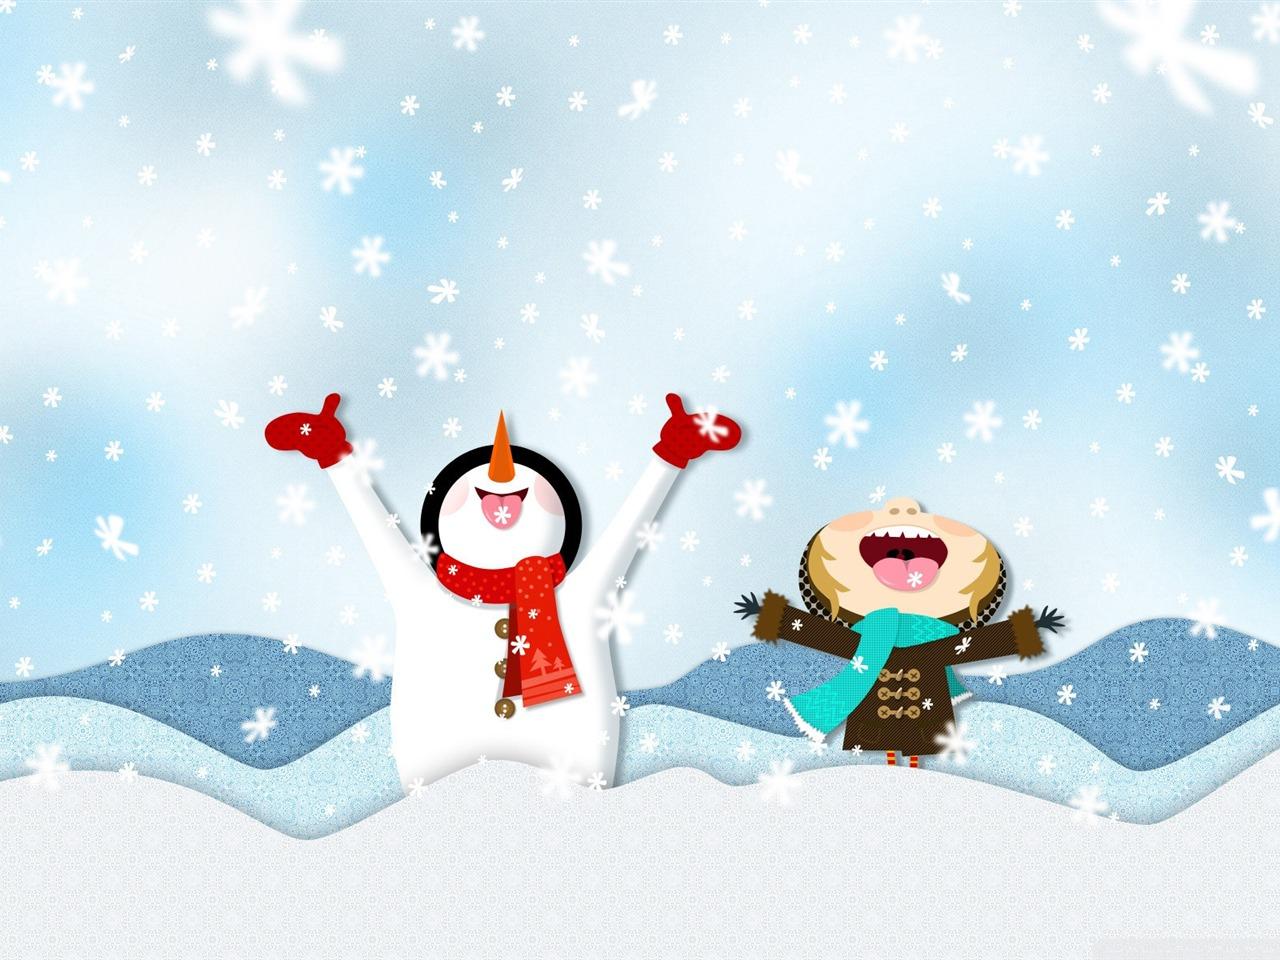 下雪插图 寒冷的冬季风景桌面图片